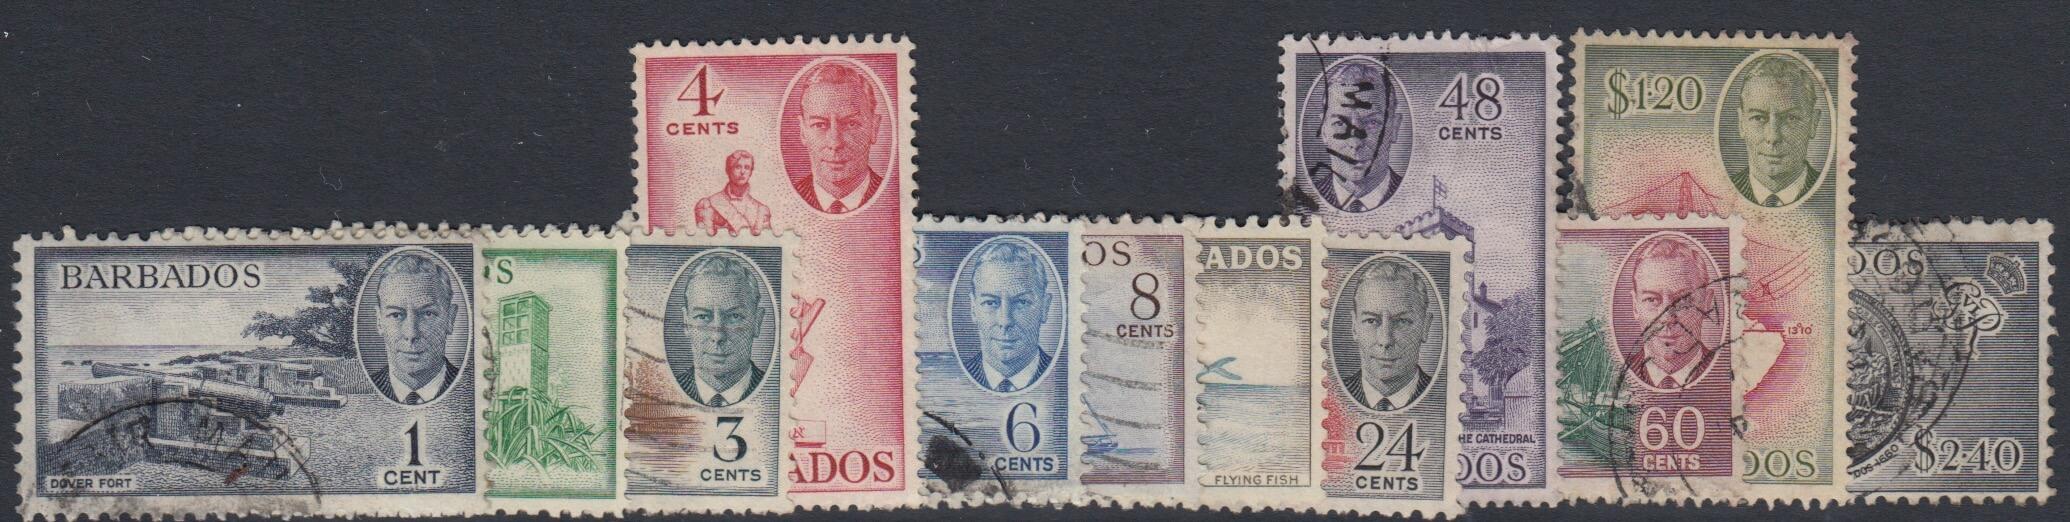 Barbados SG 271-282 | George VI definitives